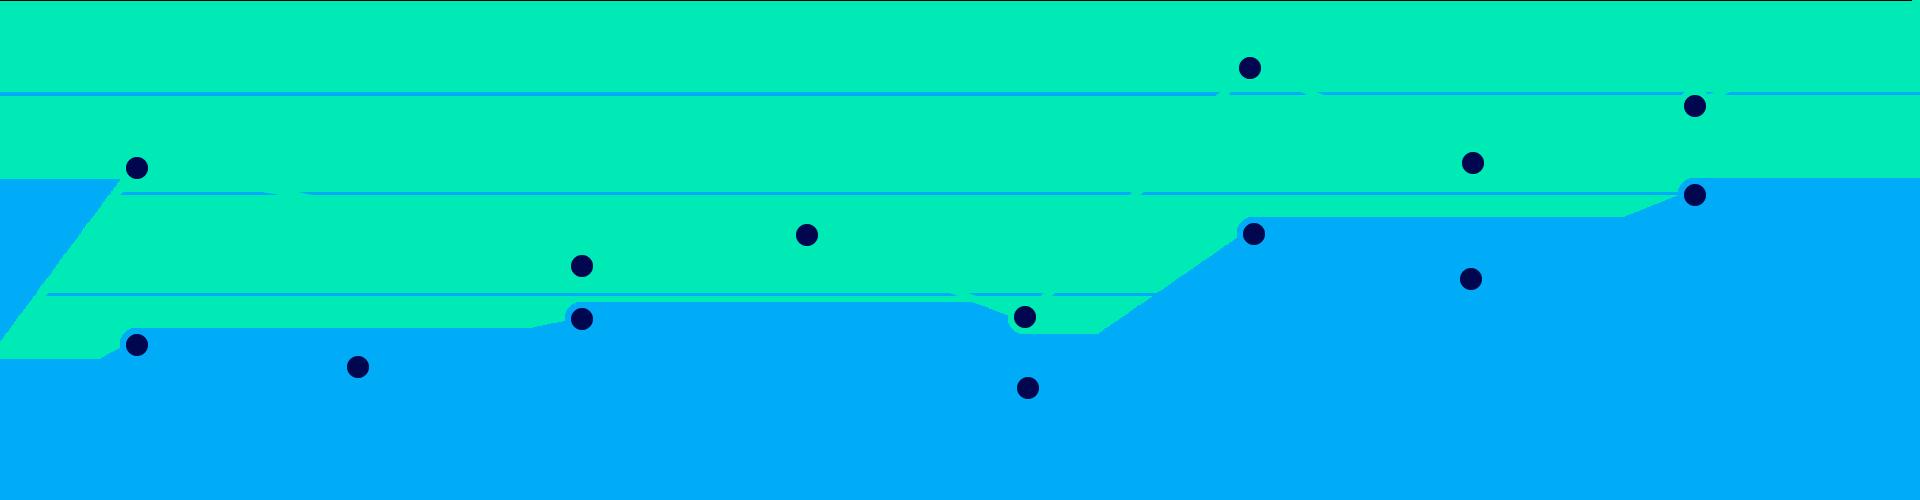 line graph img